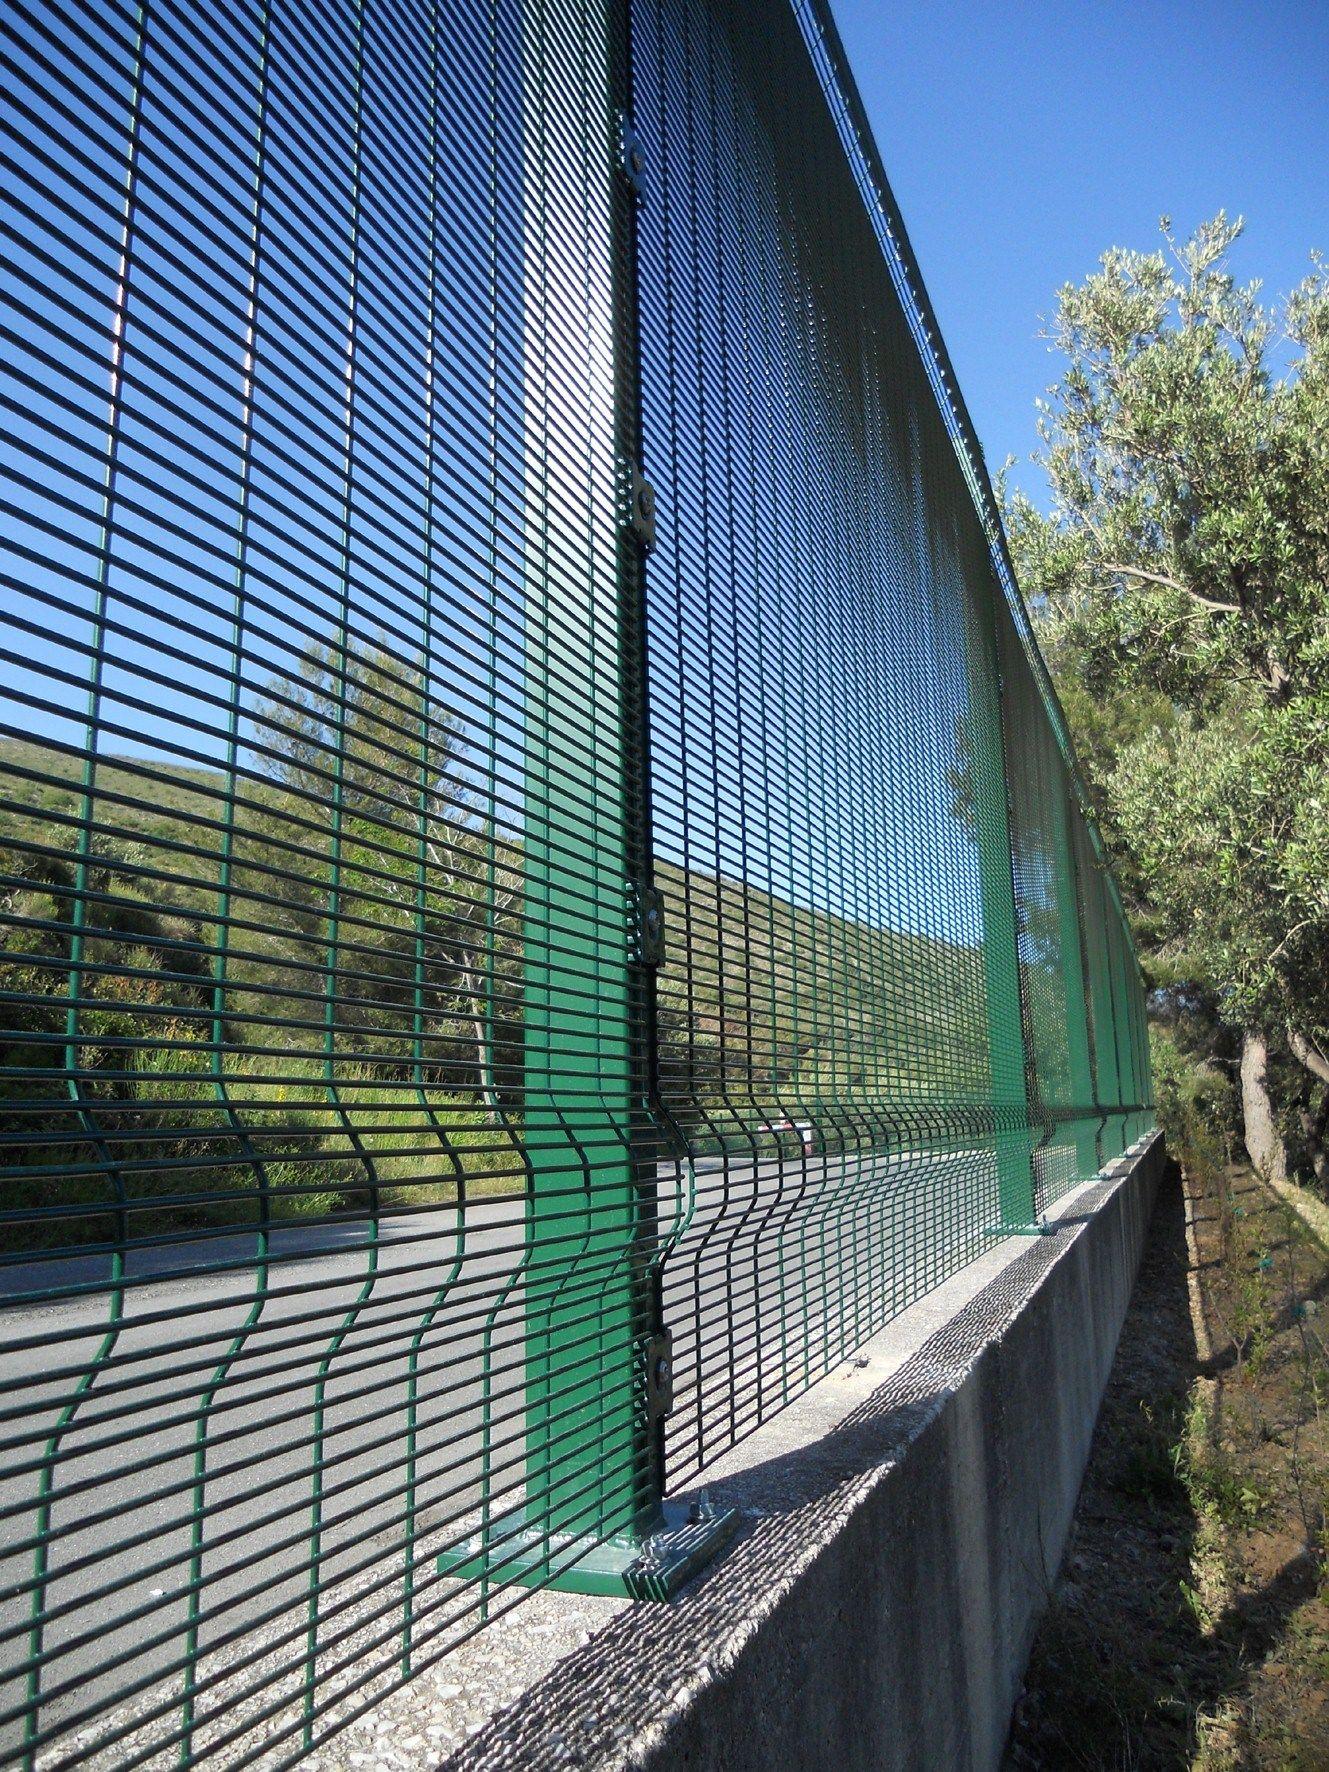 security fence securifor 3d securifor line by betafence. Black Bedroom Furniture Sets. Home Design Ideas